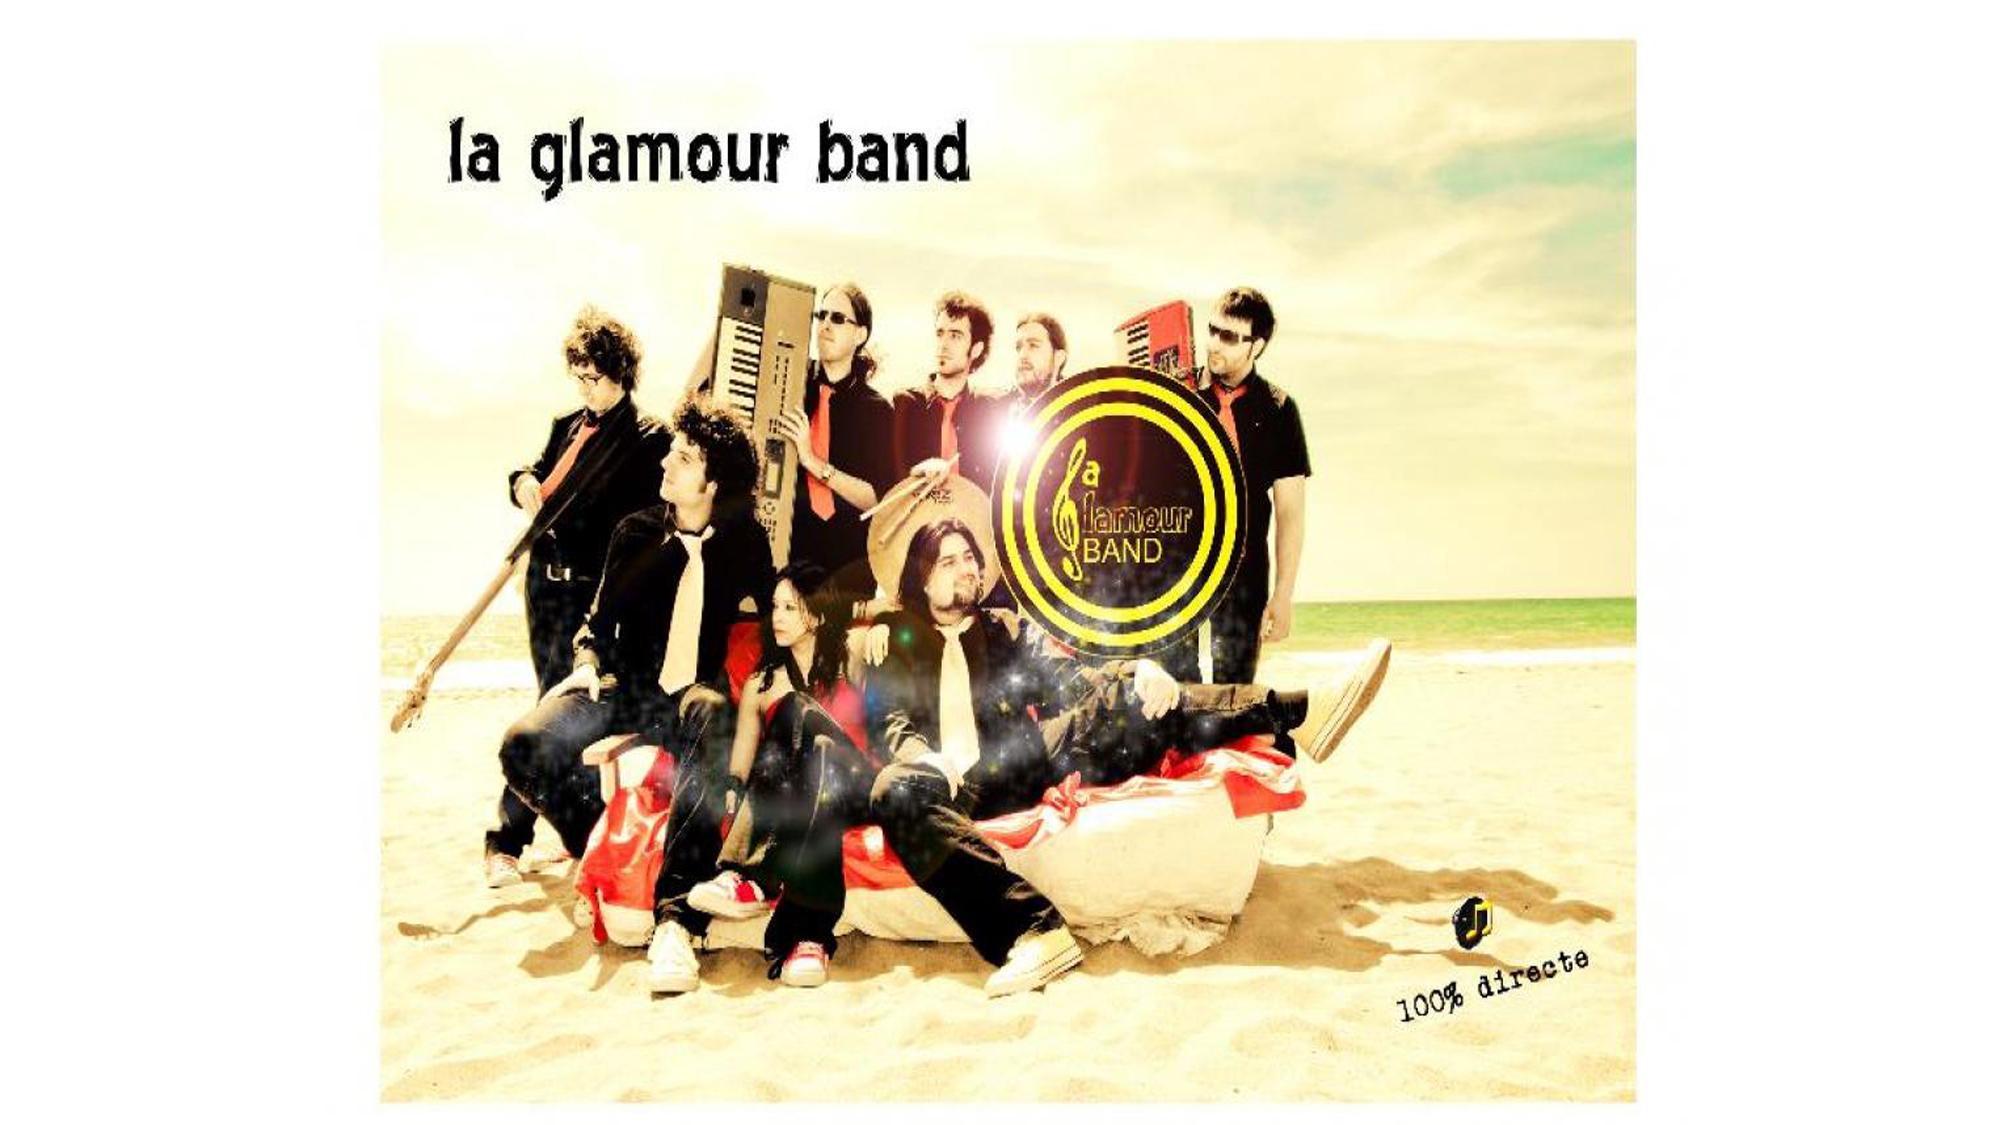 La Glamour Band